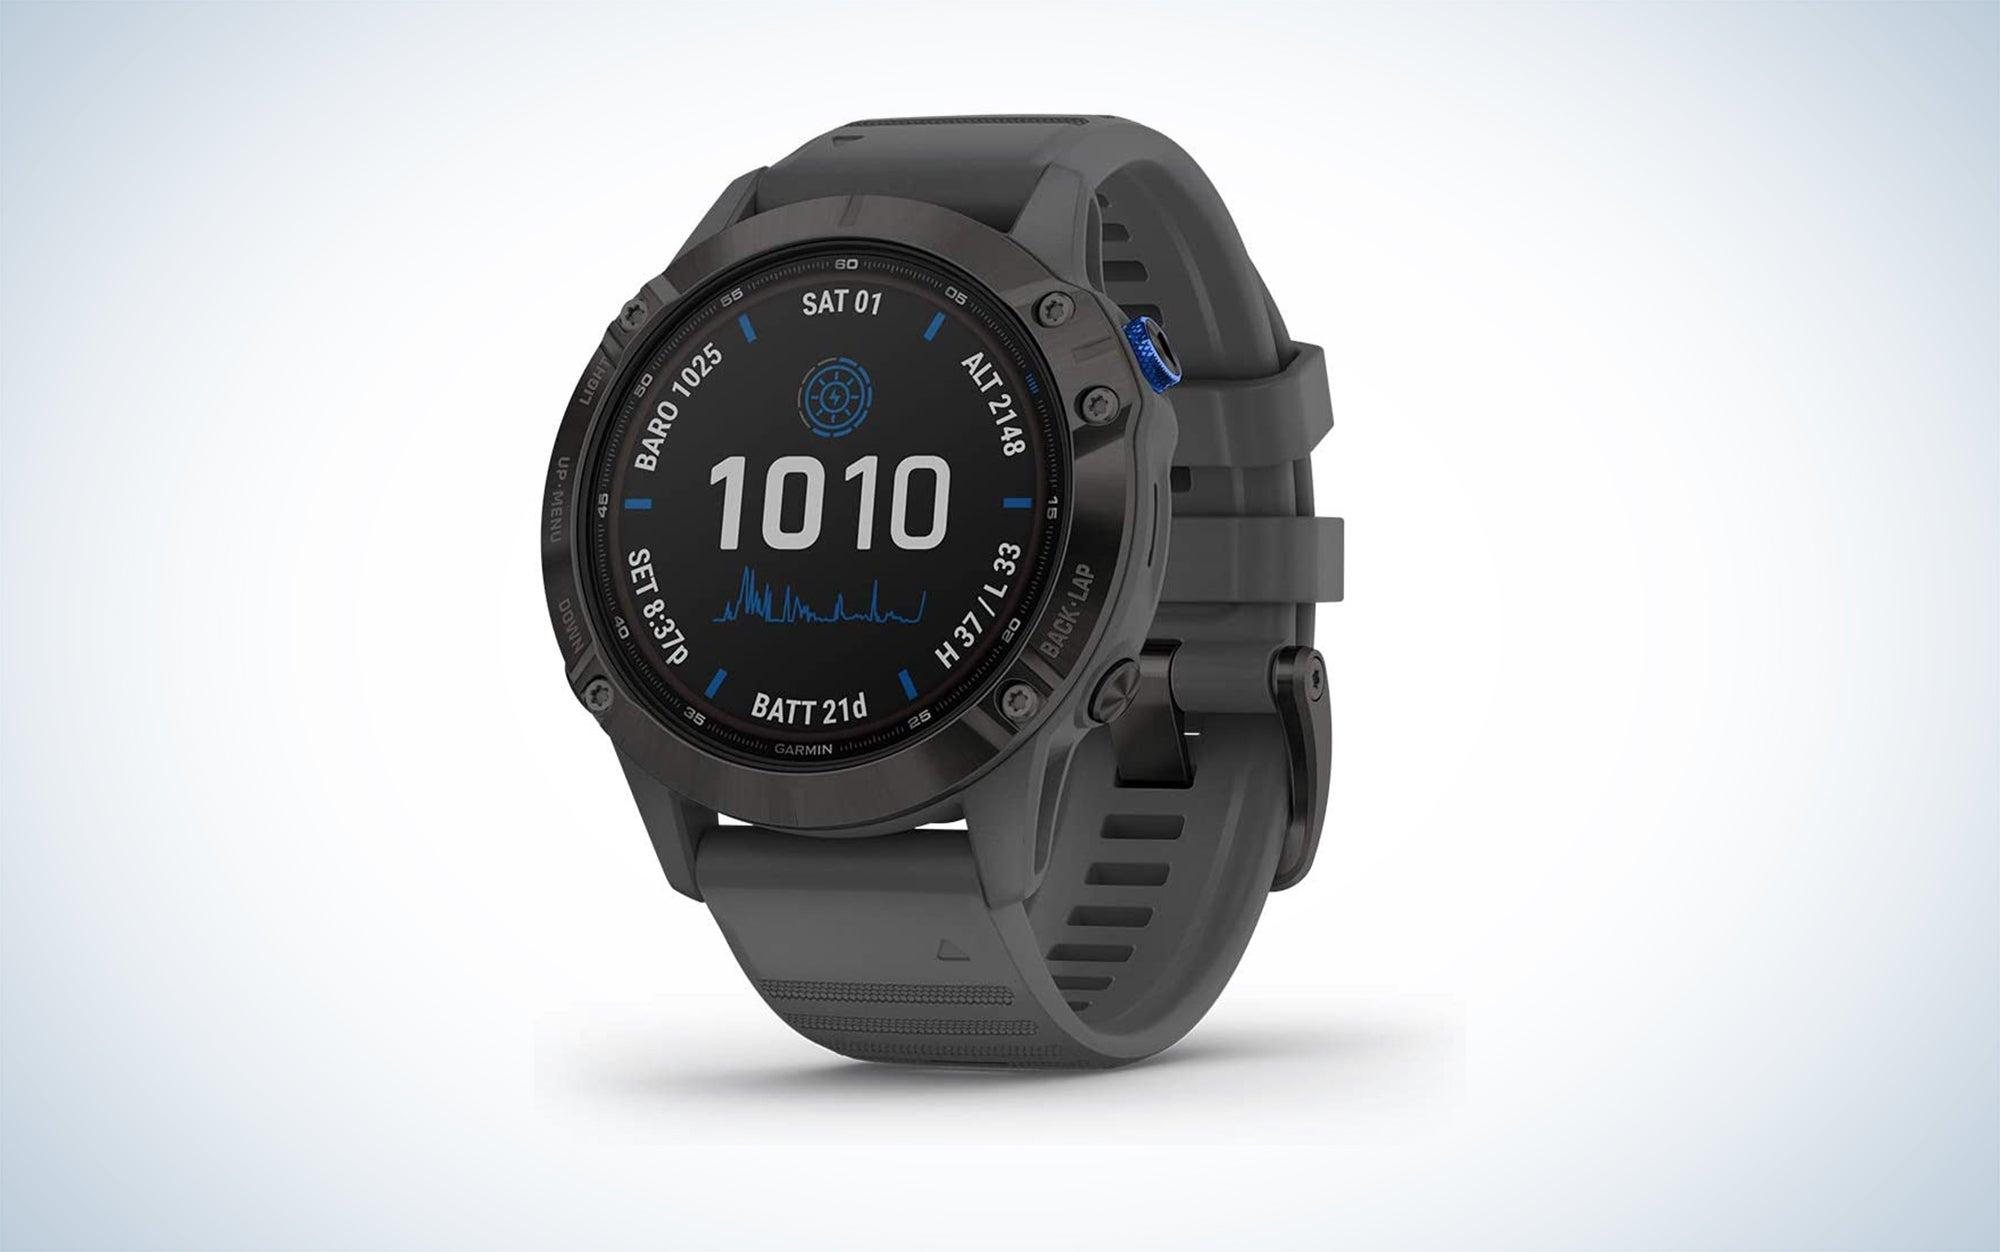 Garmin Fenix 6 Pro Solar is the best garmin smartwatch